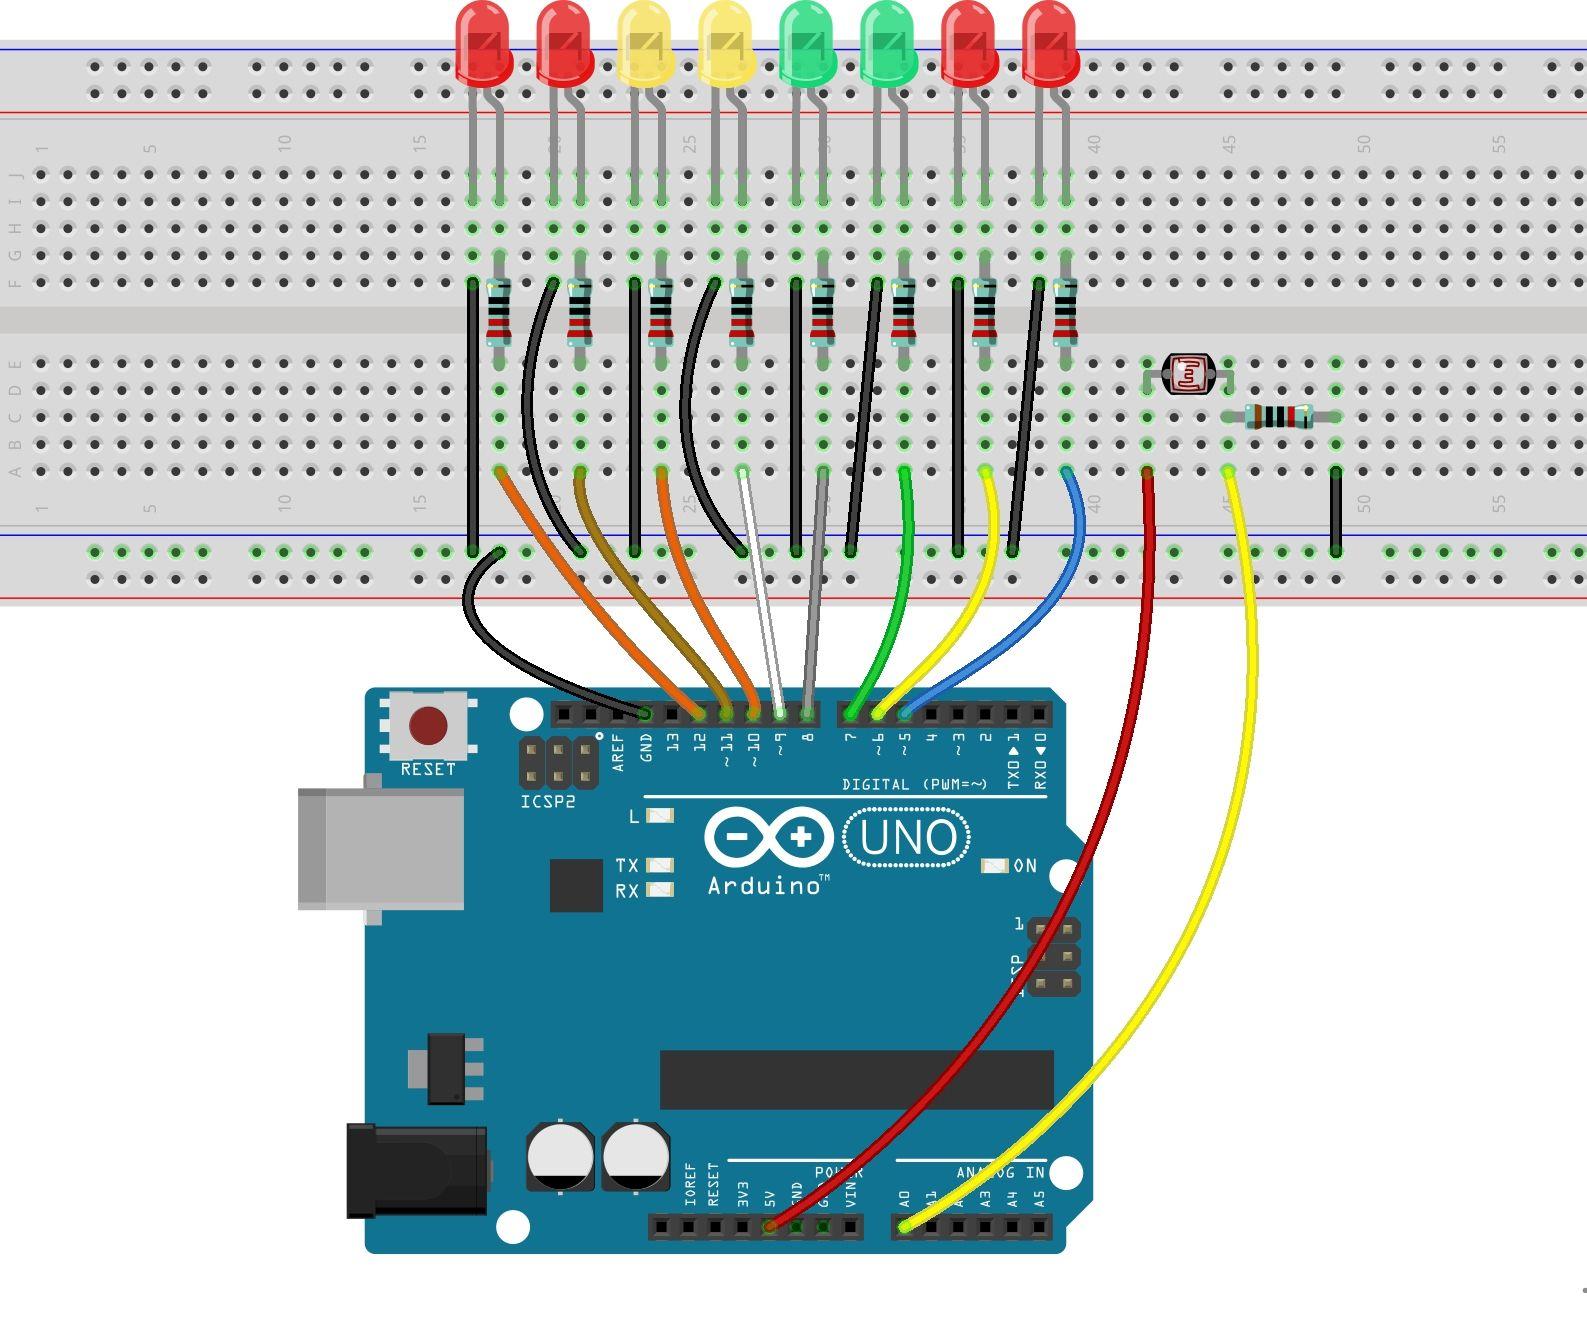 Photoresistor Sensor With Arduino Uno R3